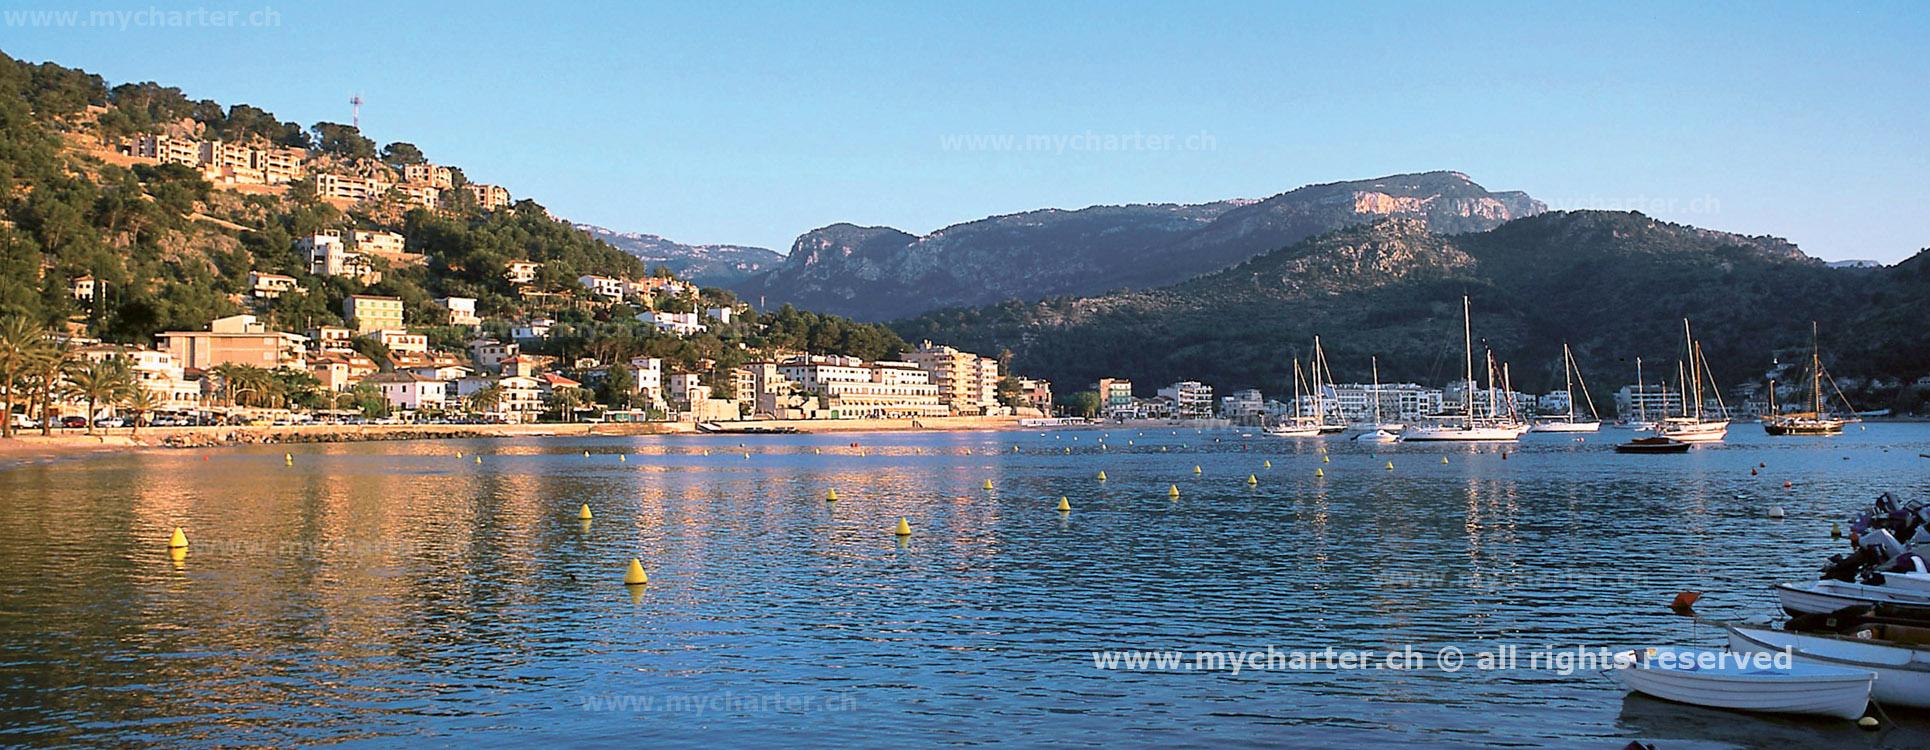 Mallorca - Soller